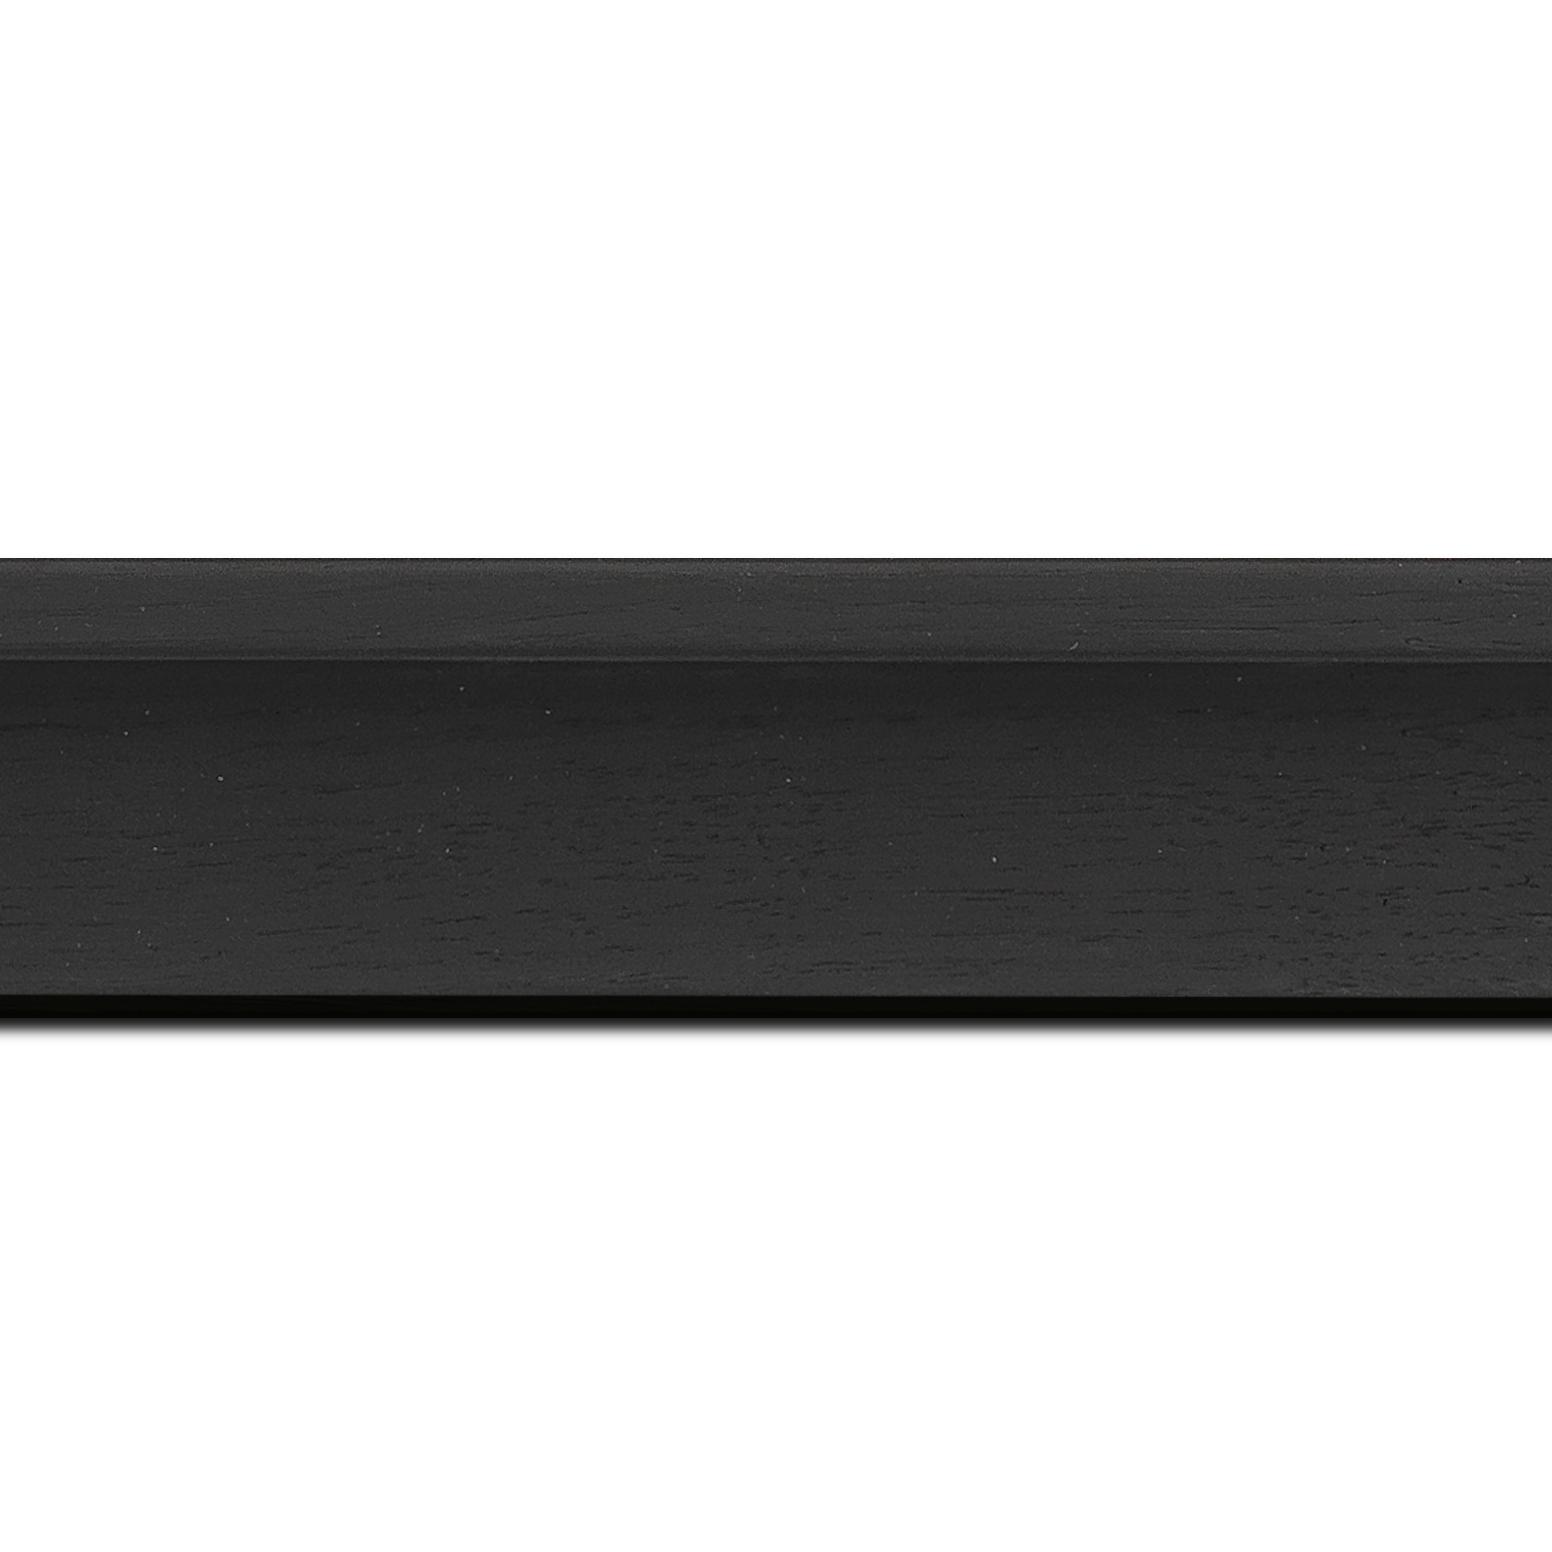 Baguette longueur 1.40m bois caisse américaine profil en l largeur 4.5cm placage haut de gamme  chêne teinté noir (spécialement conçu pour les châssis d'une épaisseur jusqu'à 3.5cm ) information complémentaire : il faut renseigner la dimension précise de votre sujet  et l'espace intérieur entre la toile et le cadre sera de 1.5cm